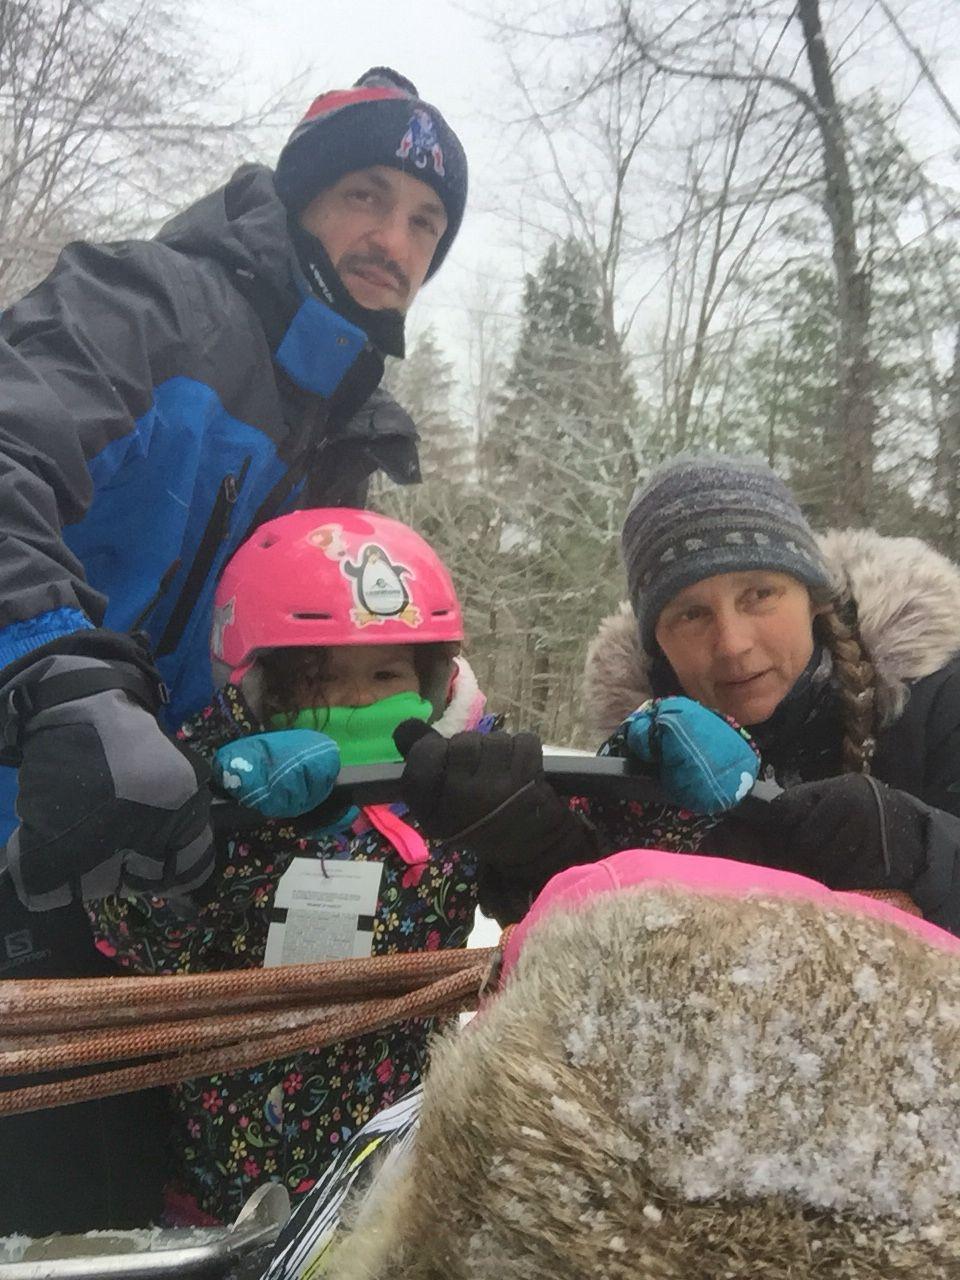 Dakota mushing the sleigh for the dog sled team